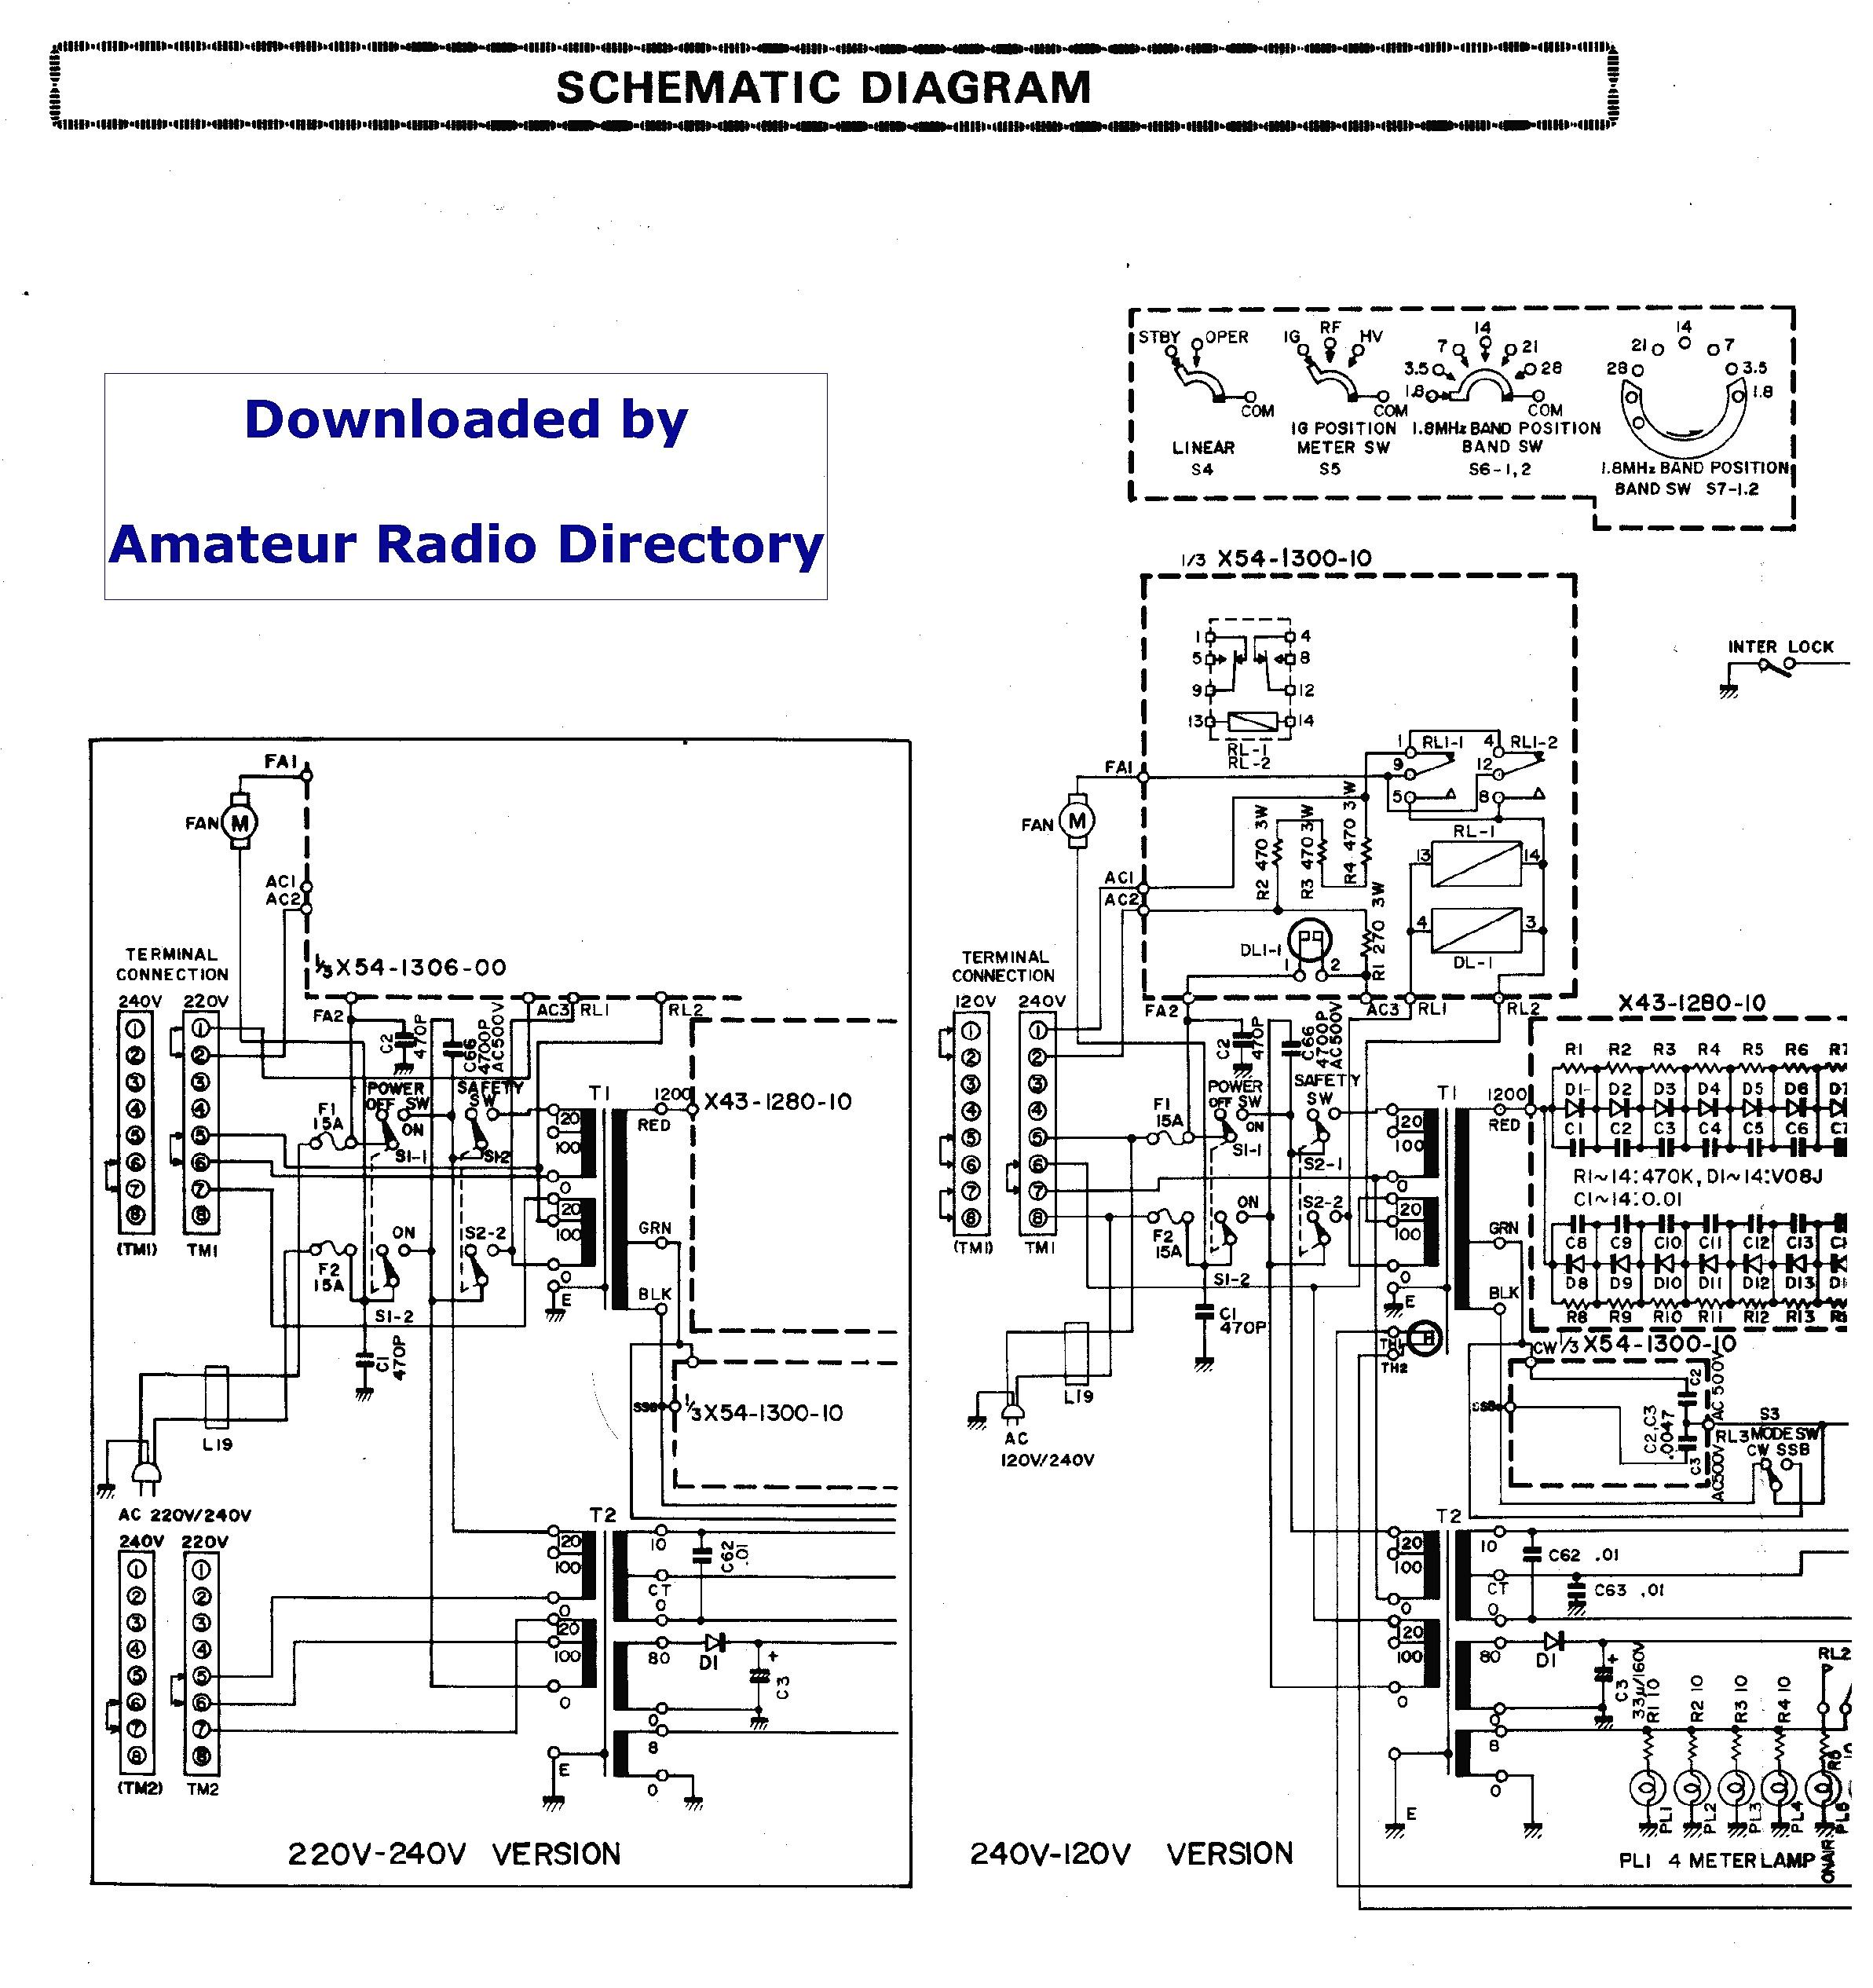 wiring model kenwood diagram kdcdishwasher wiring diagram sort ddc wiring diagram kenwood model wiring diagram sheet